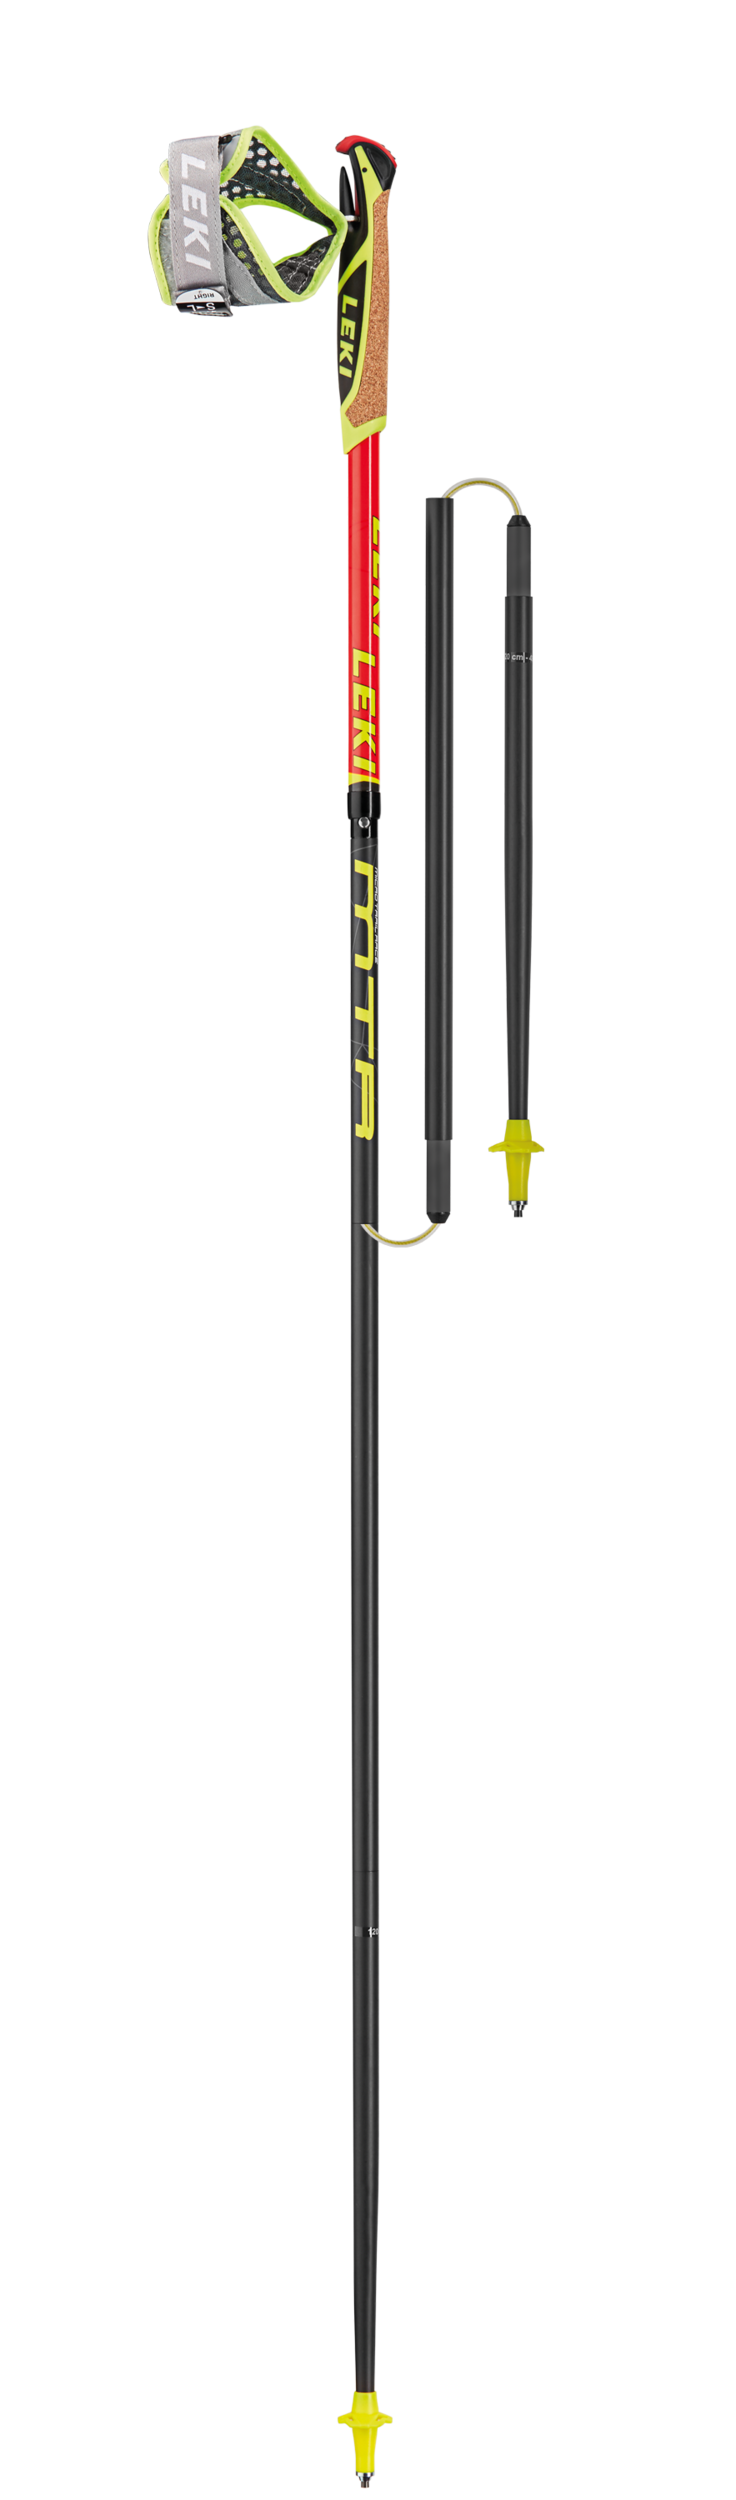 LEKI - MICRO TRAIL RACE - bâtons de trail